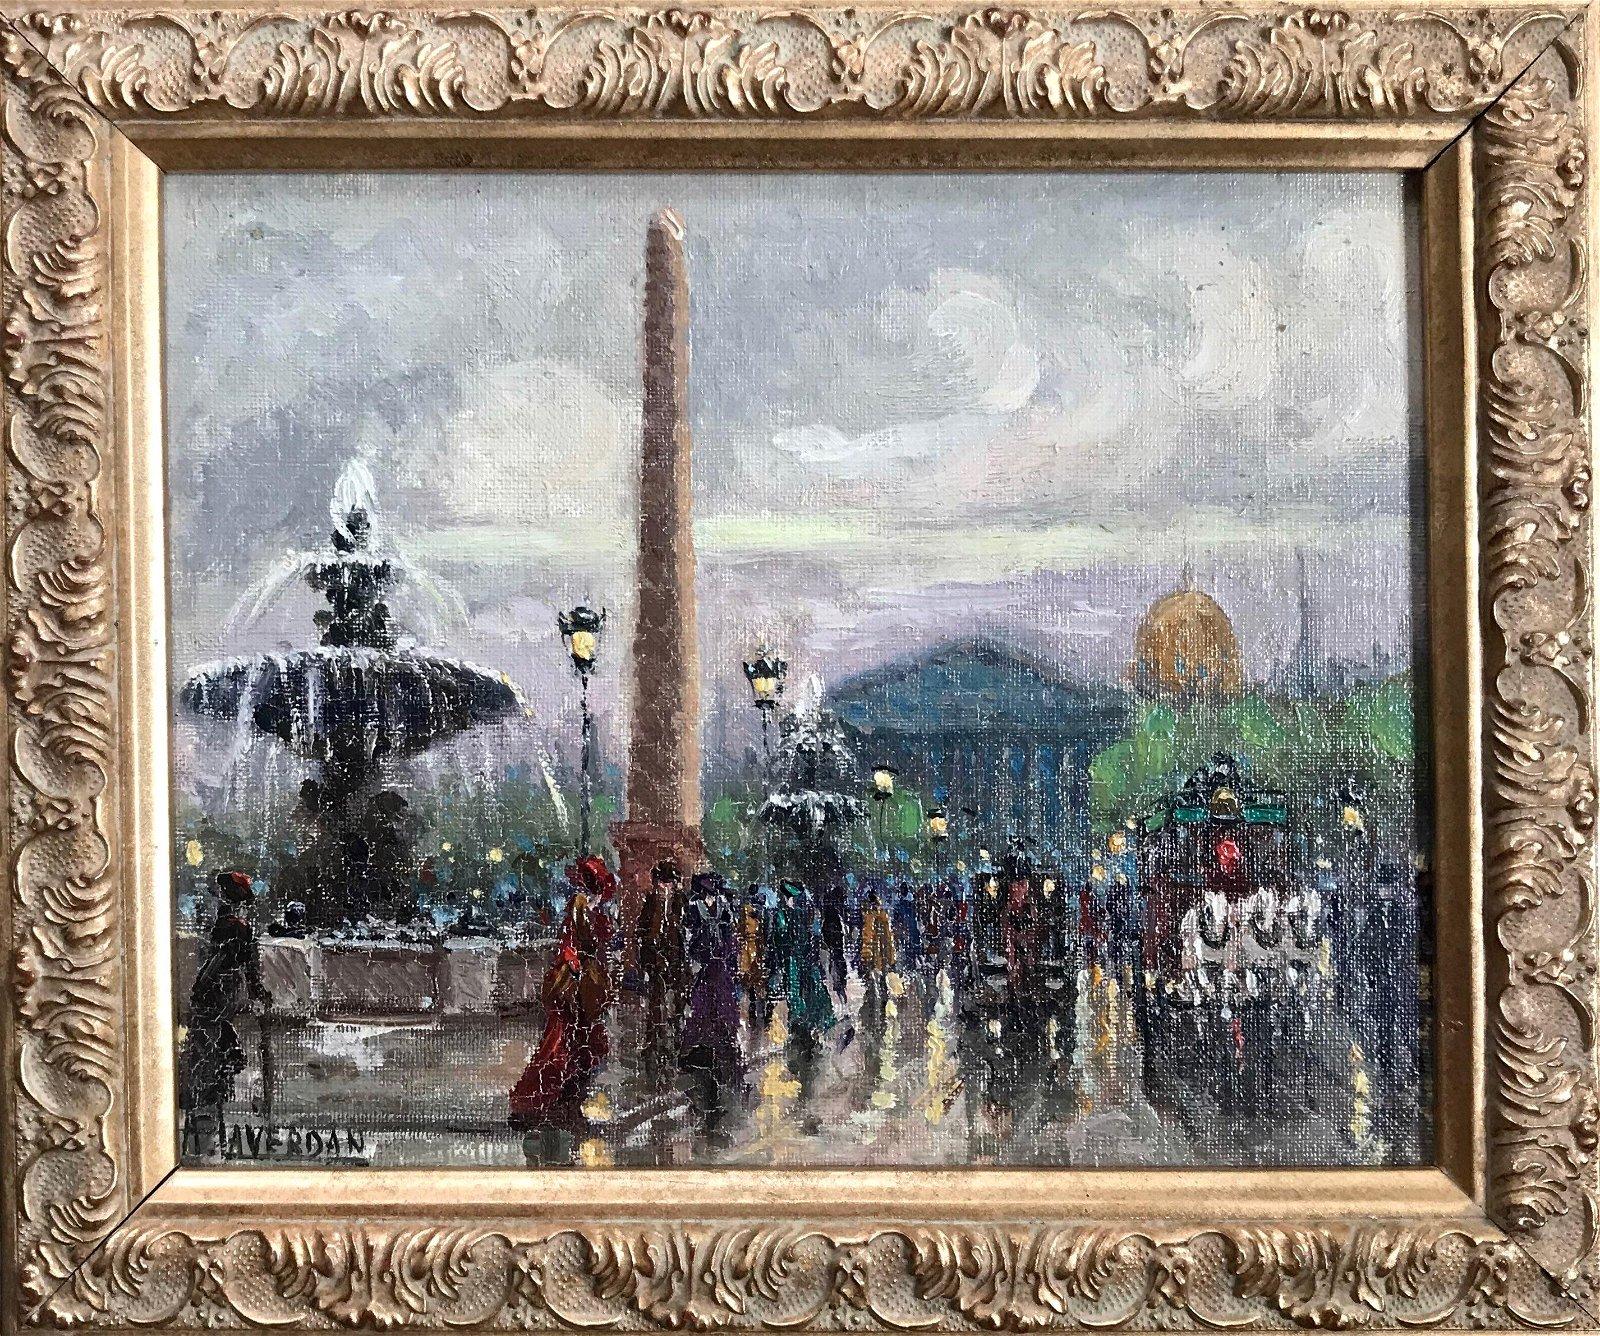 Painting: Place de la Concorde, Paris, Laverdan